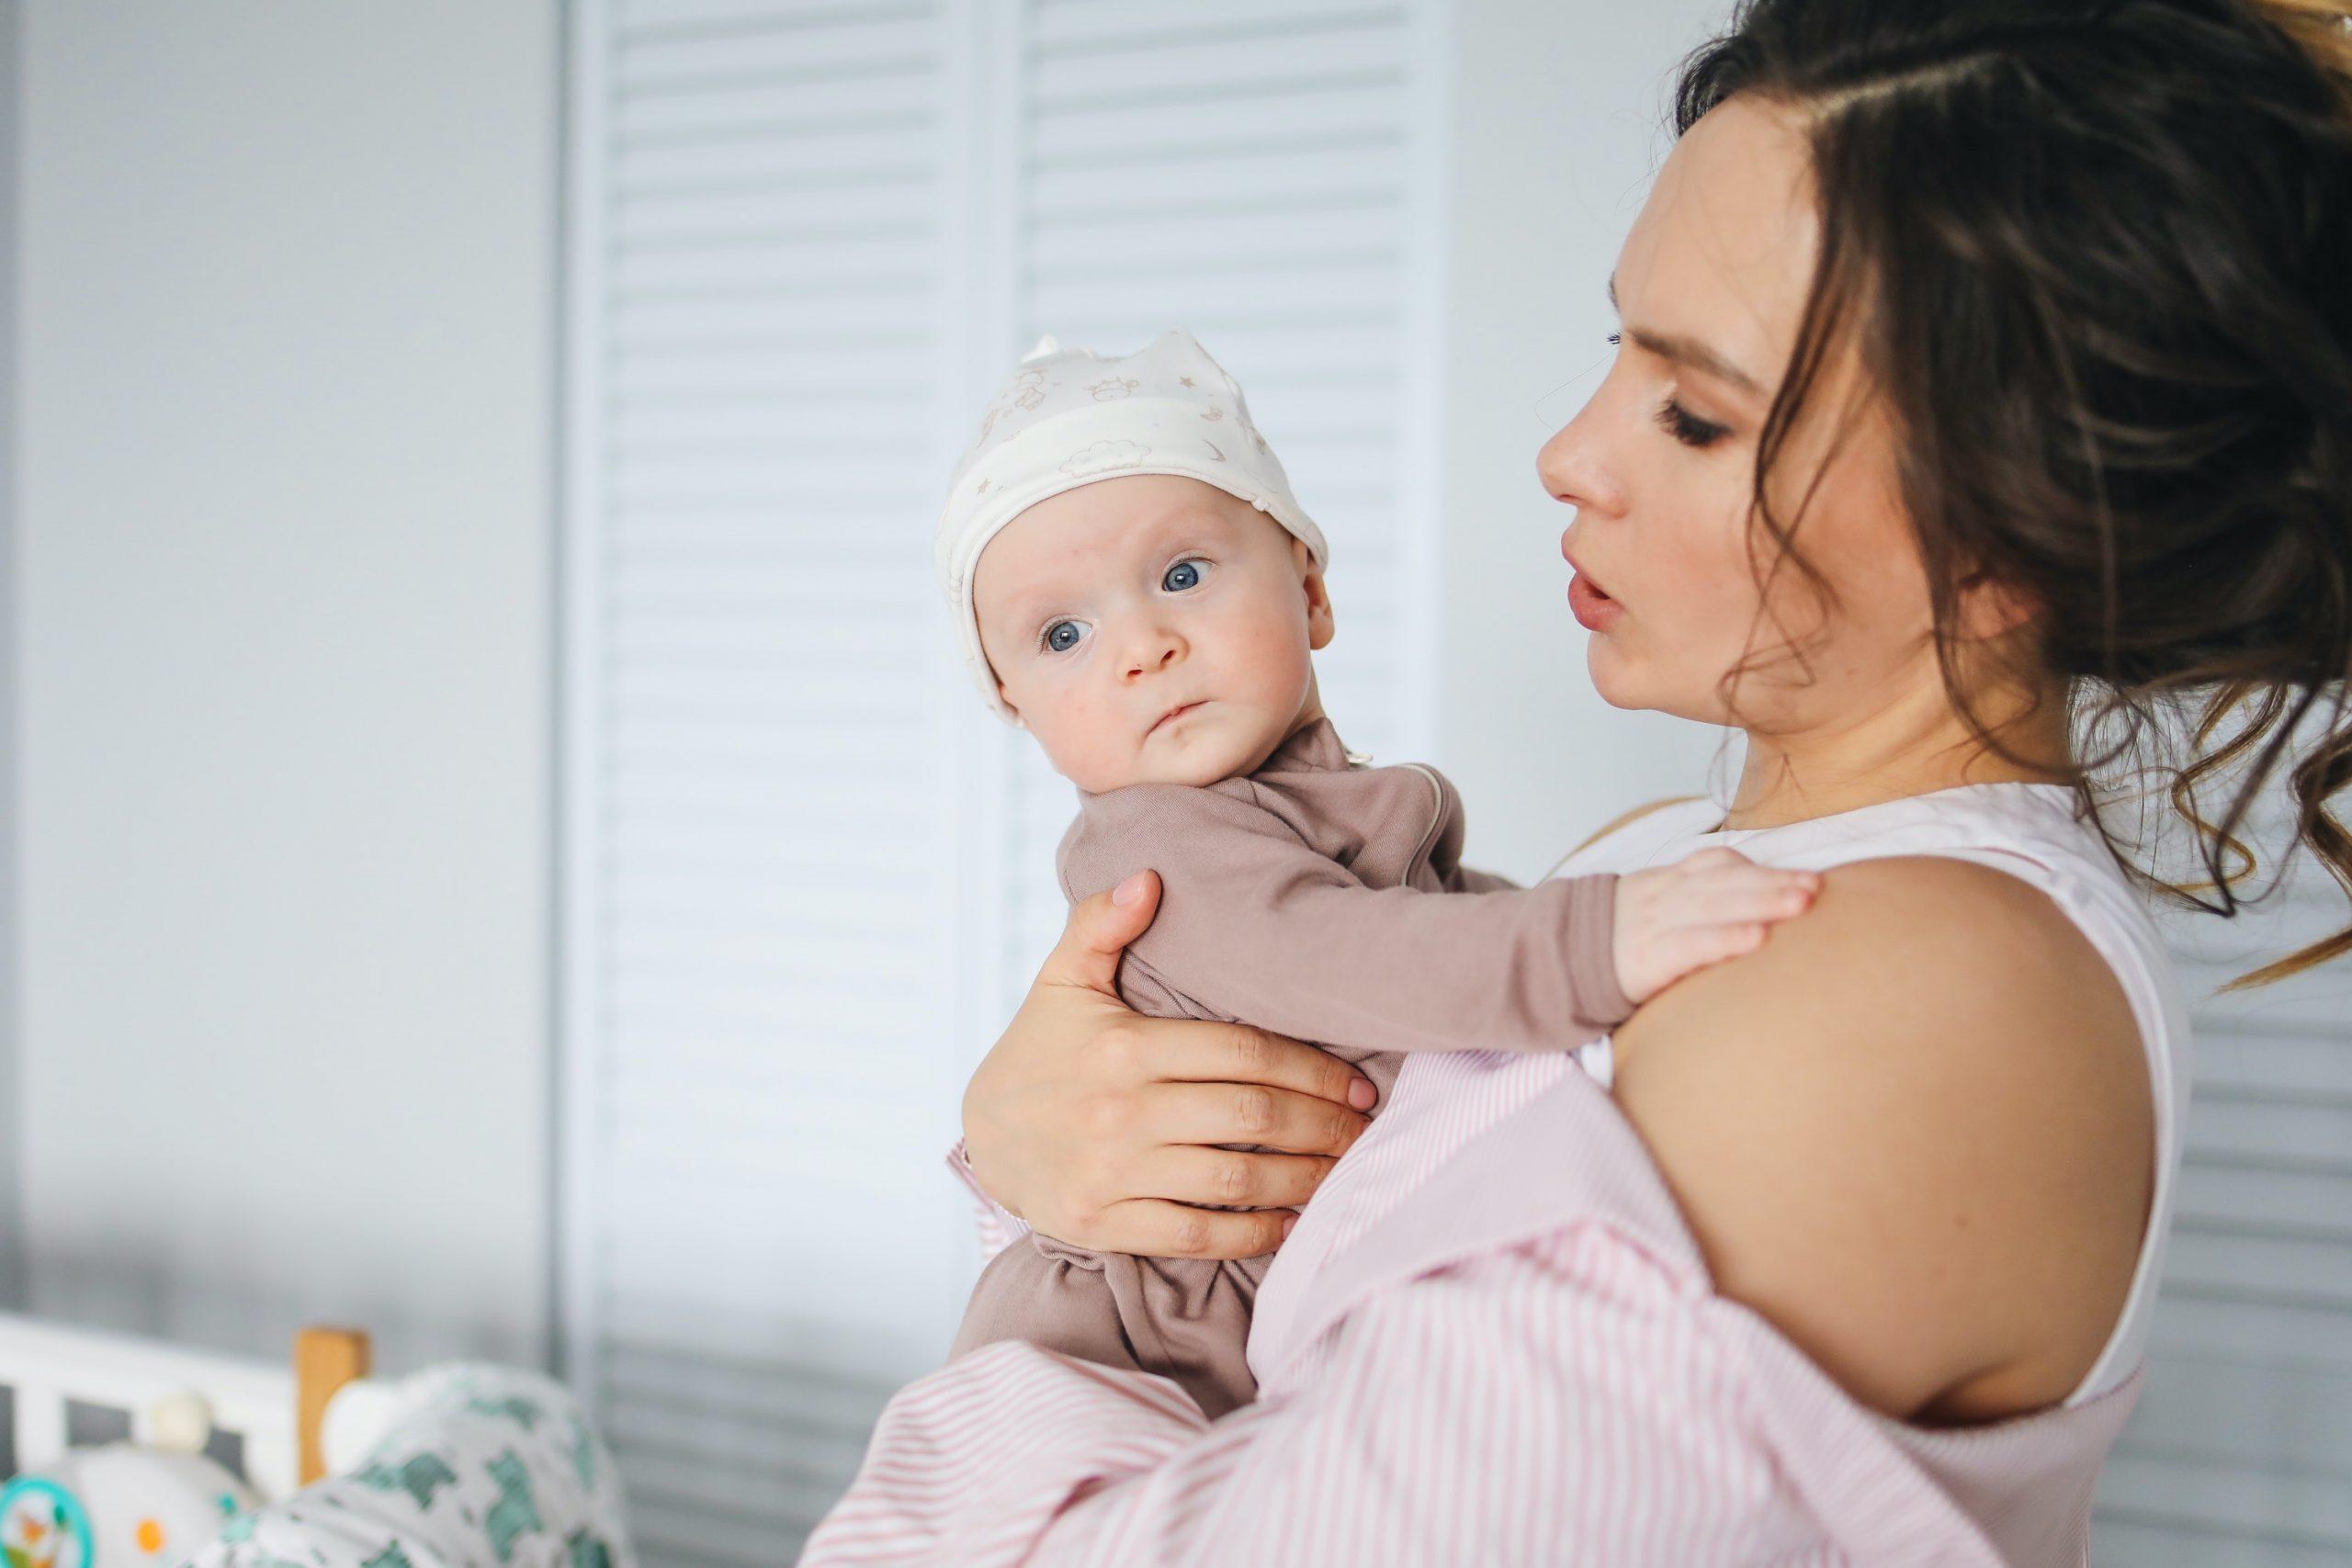 אמא לצד התינוק